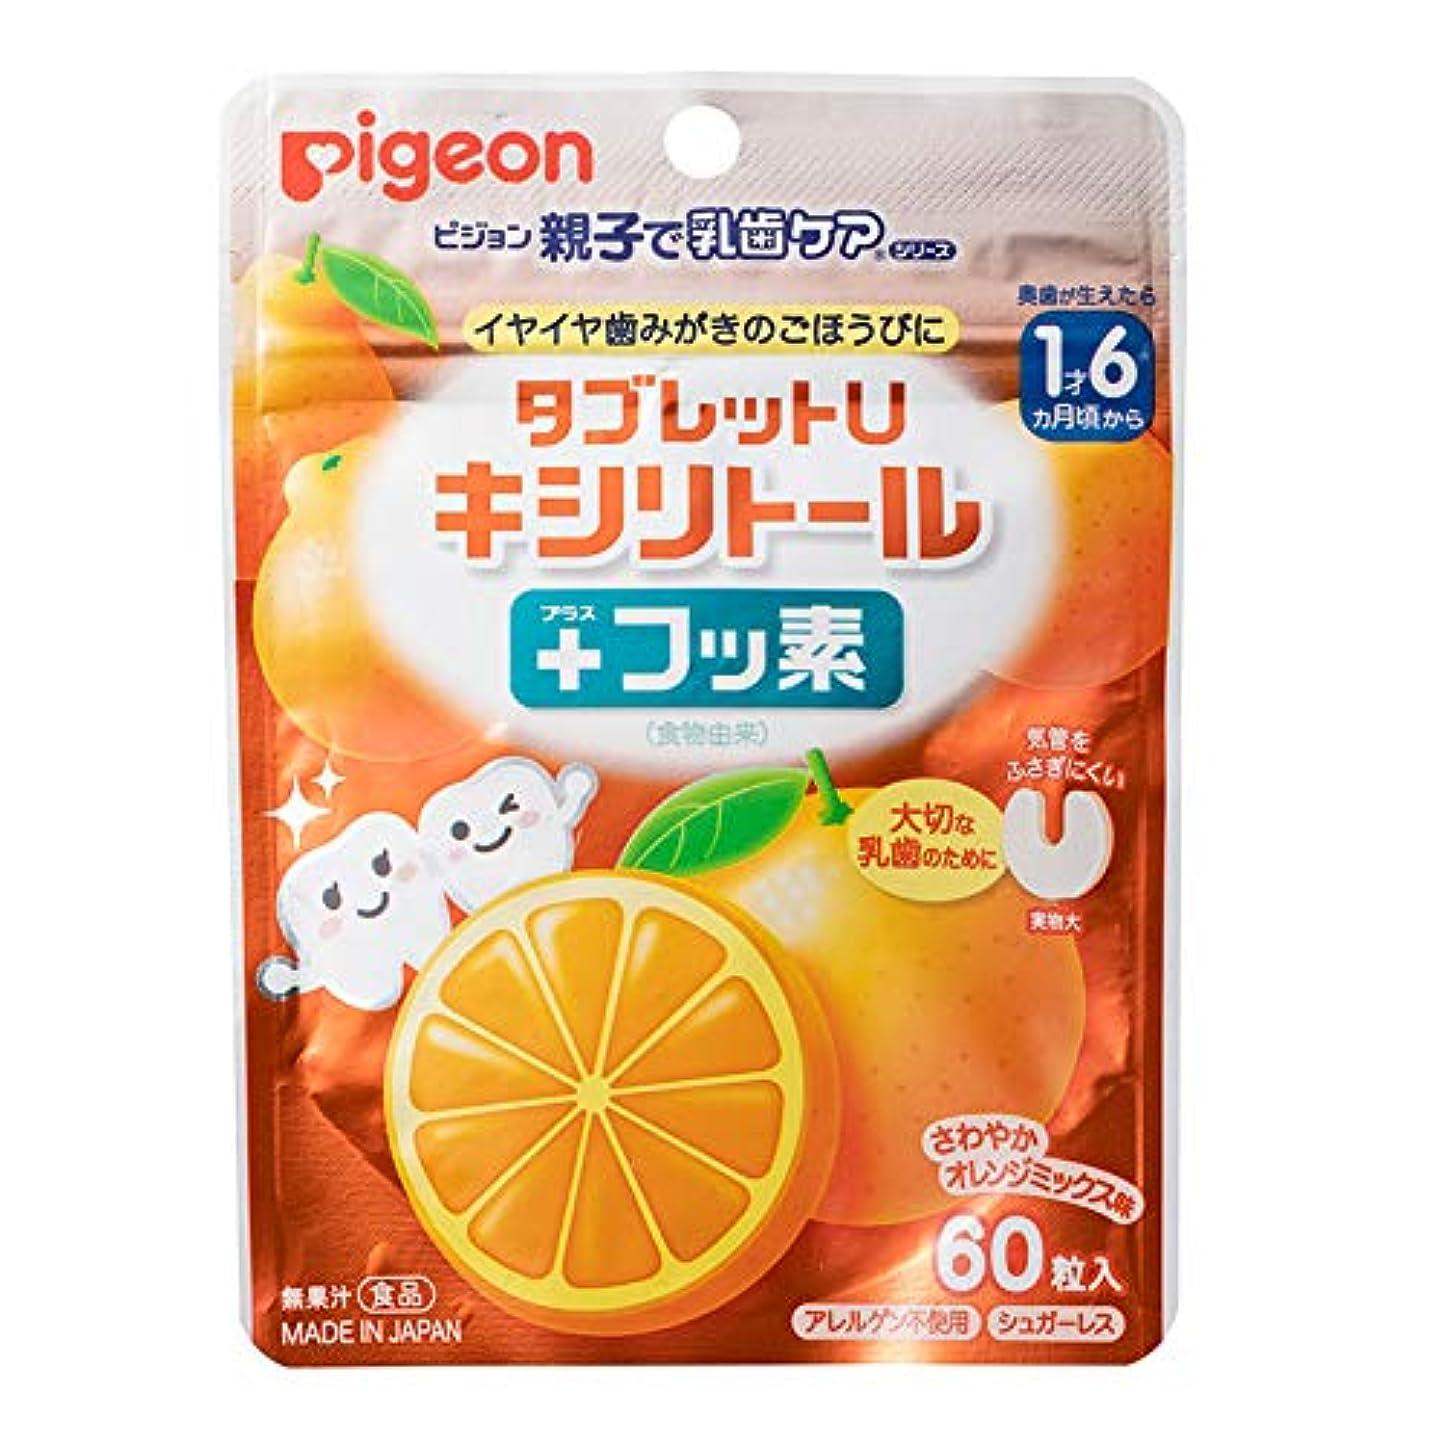 保存トレイル柔らかいピジョン(Pigeon) タブレットUキシリトール+フッ素 オレンジミックス味60粒入 アレルゲン不使用 シュガーレス 【1歳6ヵ月頃から】